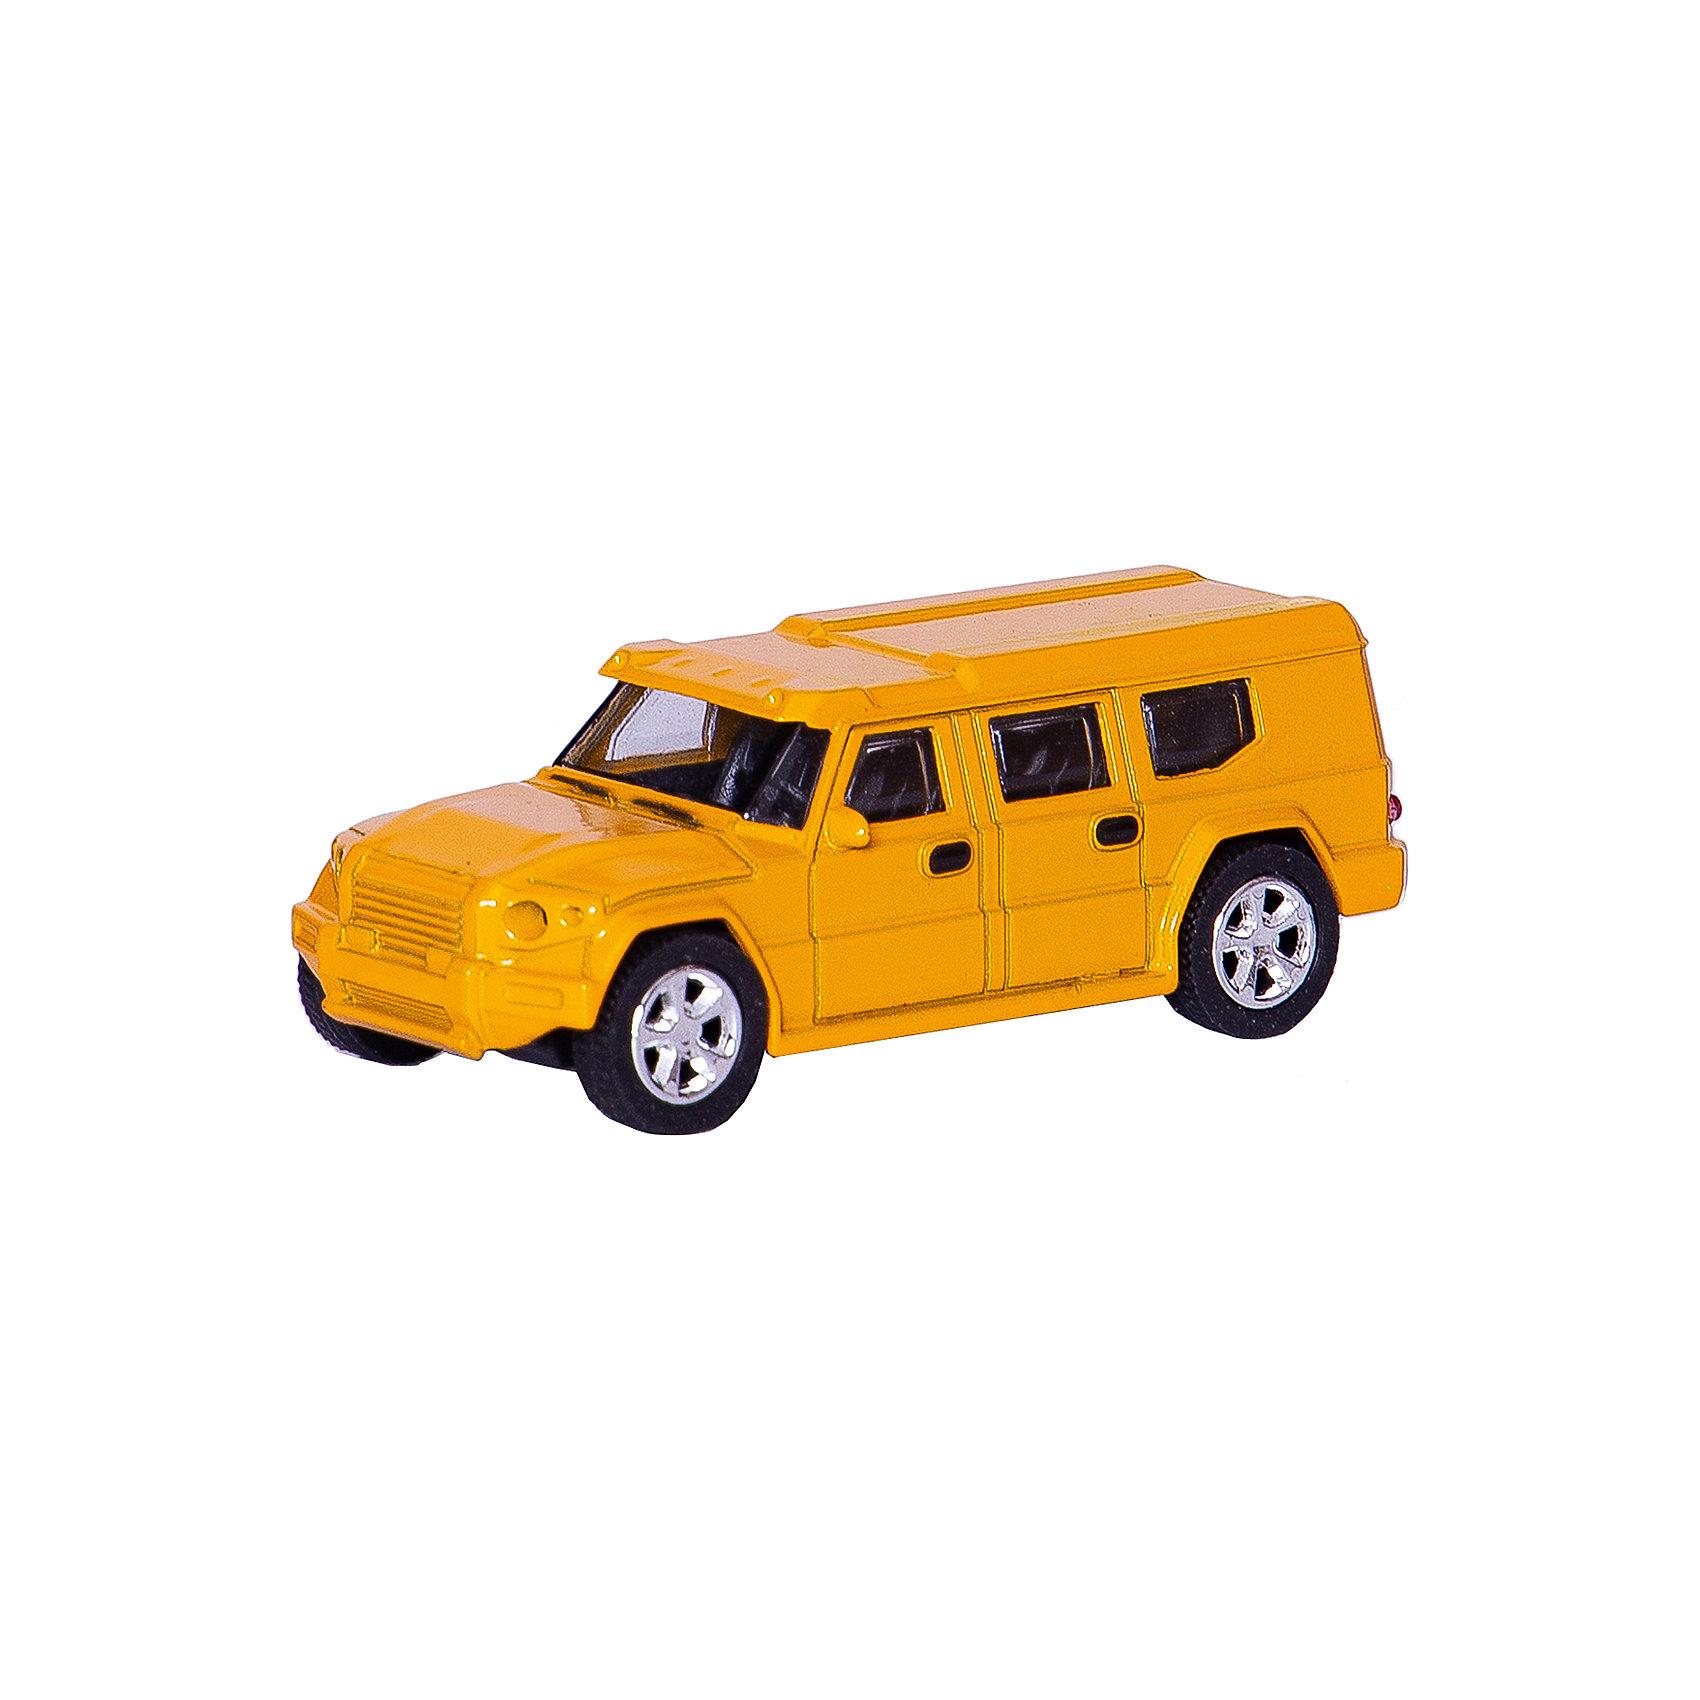 Машинка European Armored Car со светом фар 1:43, AutotimeМашинки<br>Характеристики товара:<br><br>• цвет: желтый<br>• материал: металл, пластик<br>• размер упаковки: 15х6х7 см<br>• батарейки входят в комплект<br>• вес: 100 г<br>• масштаб: 1:48<br>• световые эффекты<br>• инерционный механизм<br>• хорошая детализация<br>• упаковка: коробка<br>• прочный материал<br>• страна бренда: Россия<br>• страна производства: Китай<br><br>Такая машинка приведет мальчишек в восторг! Она отлично детализирована и так похожа на настоящую. С подобной игрушкой можно придумать множество сюжетов для игр. Благодаря прочному материалу она сможет долго радовать ребенка.<br><br>Машинка может выполнять сразу несколько функций: развлекать ребенка, помогать вырабатывать практические качества: ловкость, координацию, мелкую моторику. Также в процессе увлекательной игры развивается фантазия ребенка. Изделие выполнено из сертифицированных материалов, безопасных для детей.<br><br>Машинку European Armored Car со светом фар 1:43 от бренда AUTOTIME можно купить в нашем интернет-магазине.<br><br>Ширина мм: 165<br>Глубина мм: 57<br>Высота мм: 75<br>Вес г: 13<br>Возраст от месяцев: 36<br>Возраст до месяцев: 2147483647<br>Пол: Мужской<br>Возраст: Детский<br>SKU: 5584032